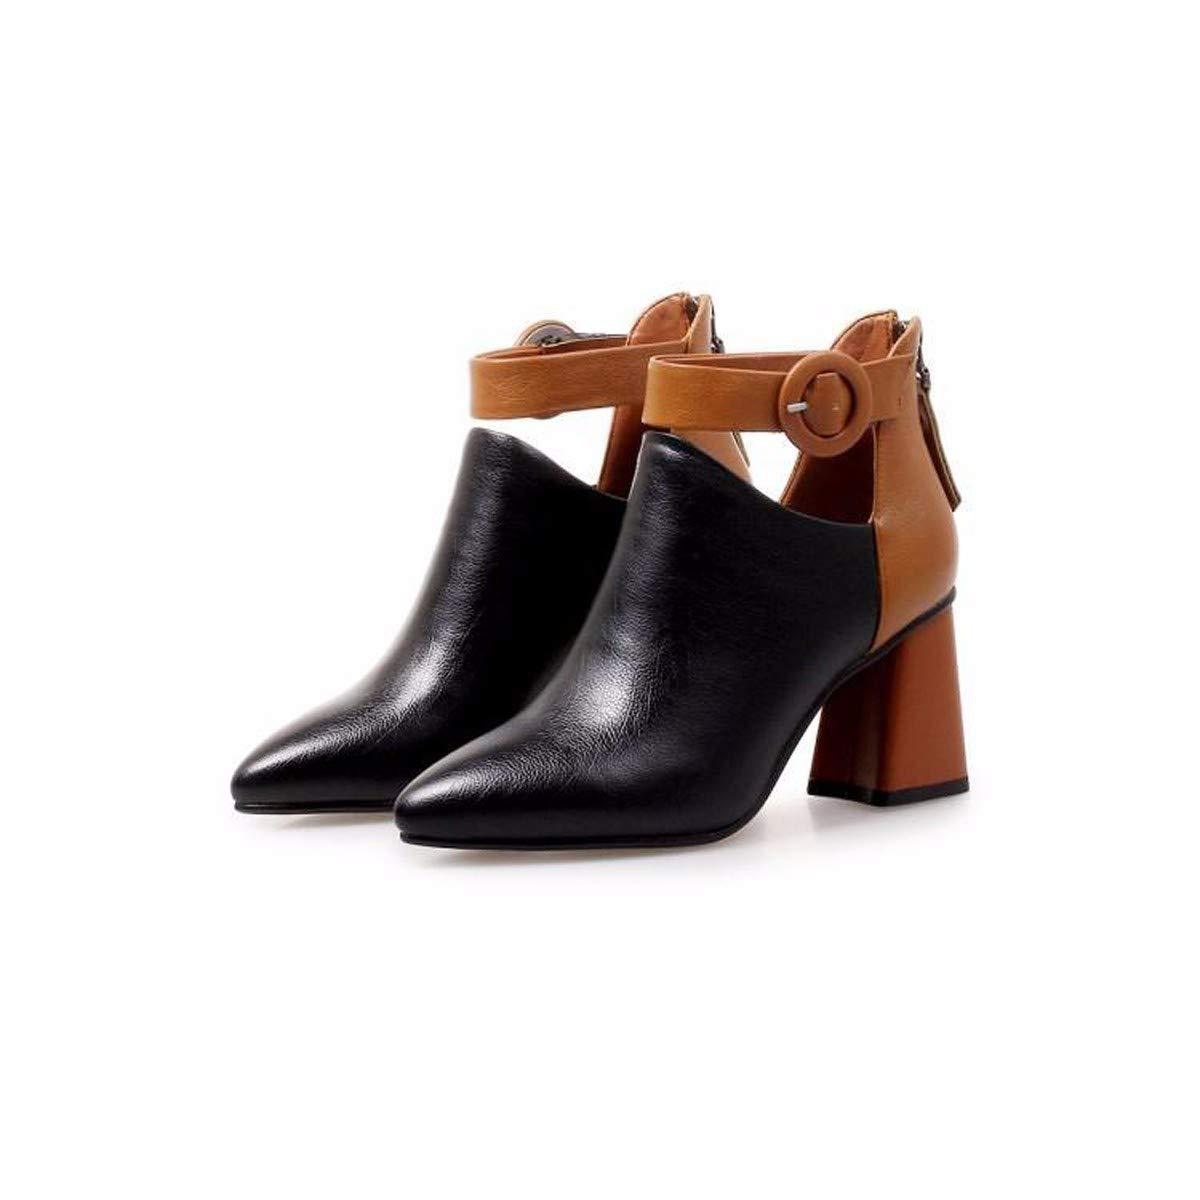 LBTSQ-Mode/Damenschuhe/Farbe Die Mit Hohen 7Cm Sharp Modisch Wild Mittlere Ferse Kurze Stiefel.